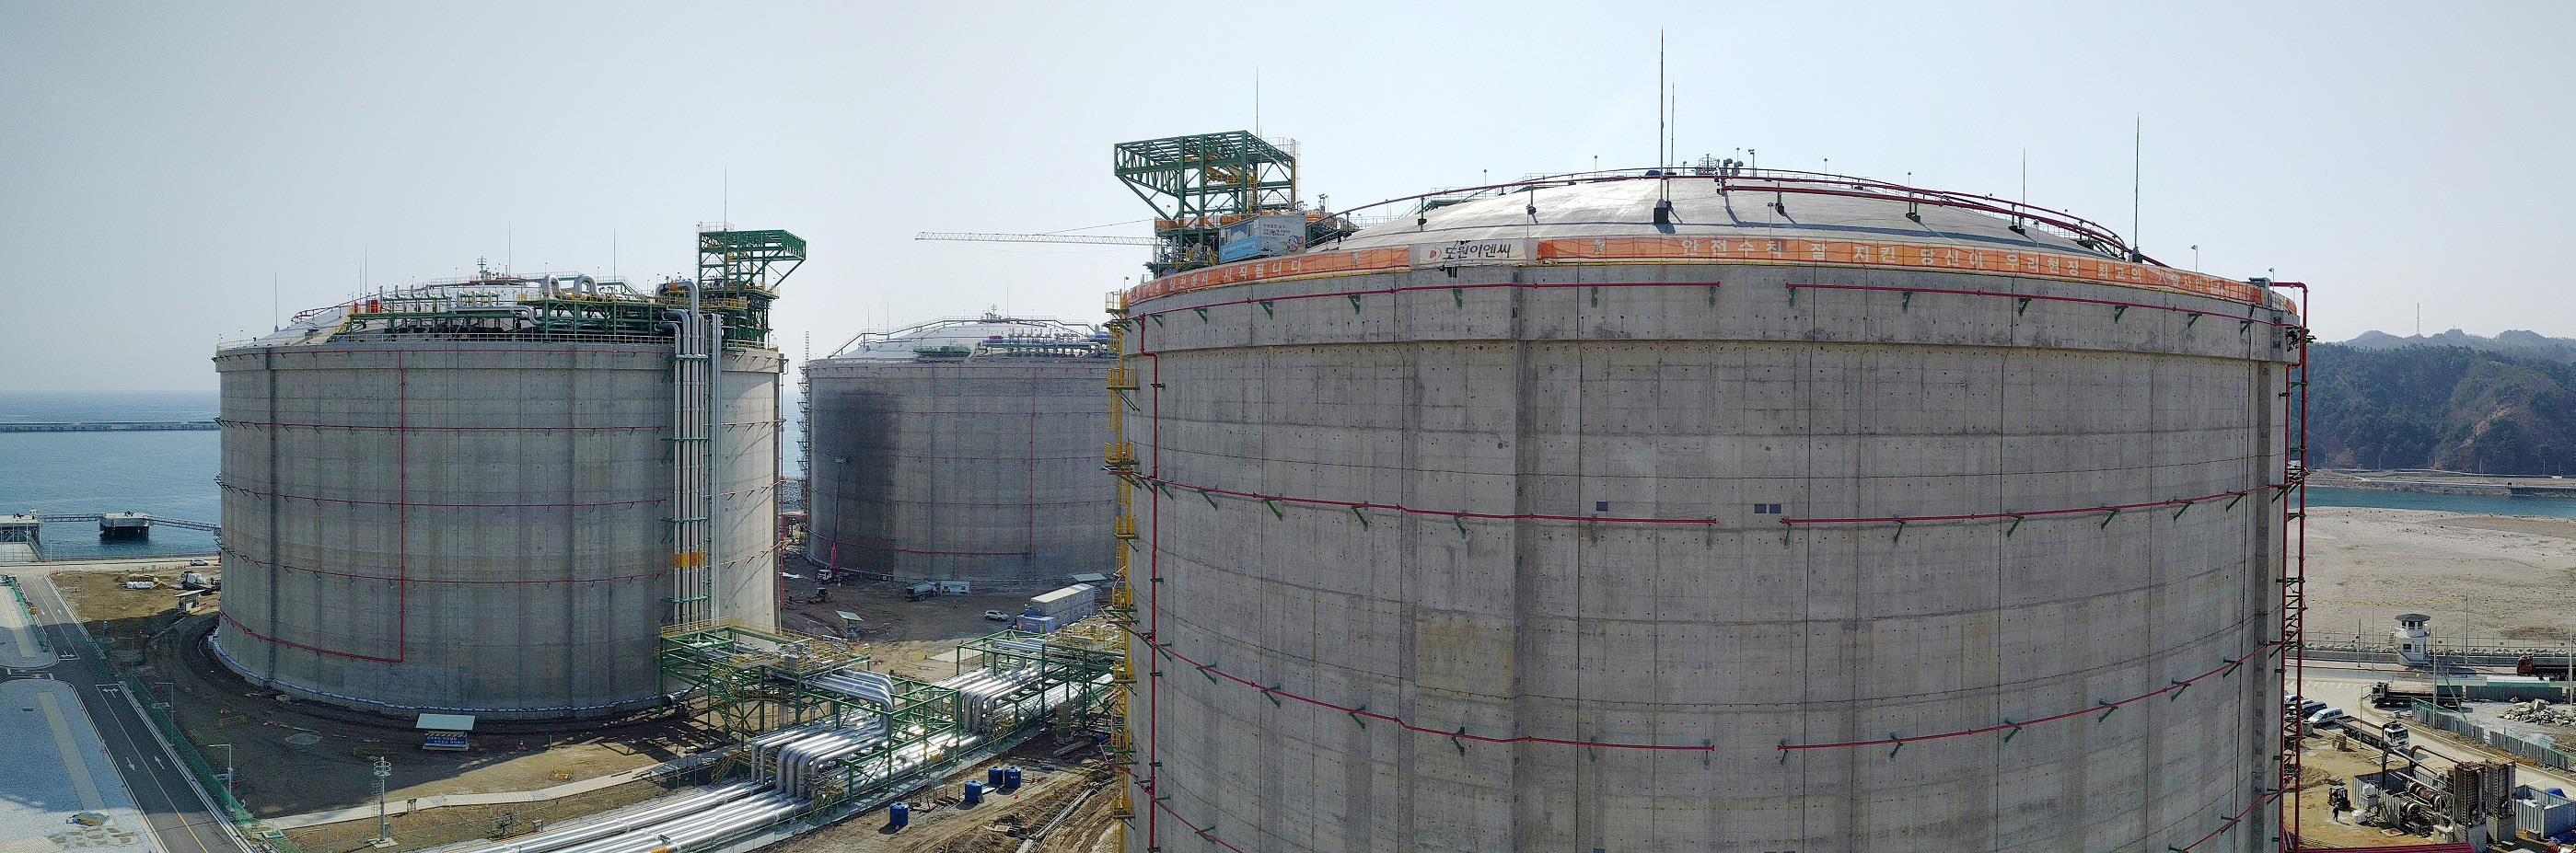 한국가스공사 LNG 저장탱크